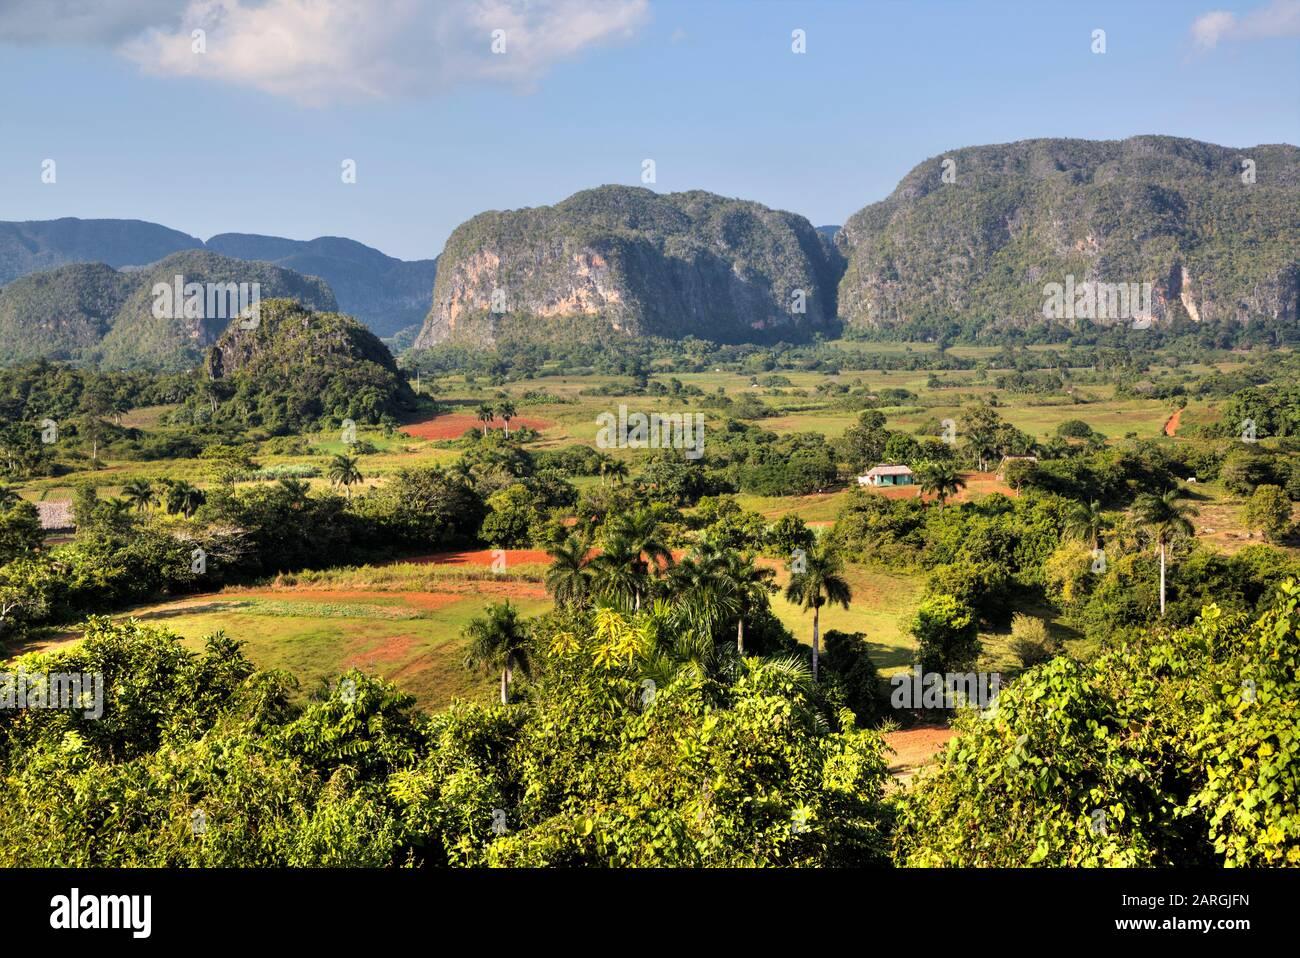 Vallée De Vinales, Site Classé Au Patrimoine Mondial De L'Unesco, Cuba, Antilles, Amérique Centrale Banque D'Images